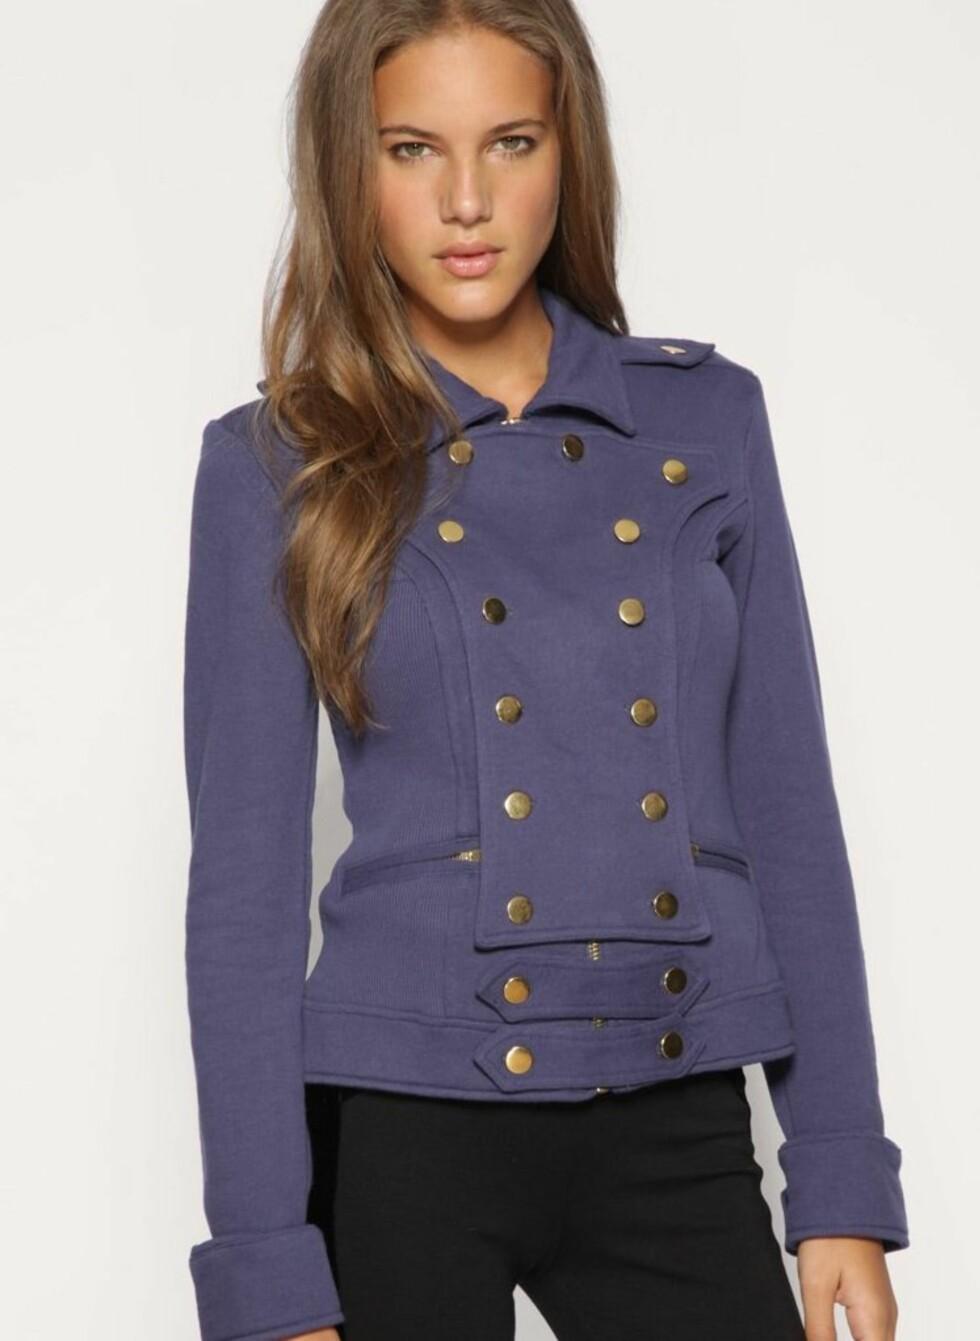 Uniformsinspirert jakke med blanke knapper (ca kr 1087, Asos.com).